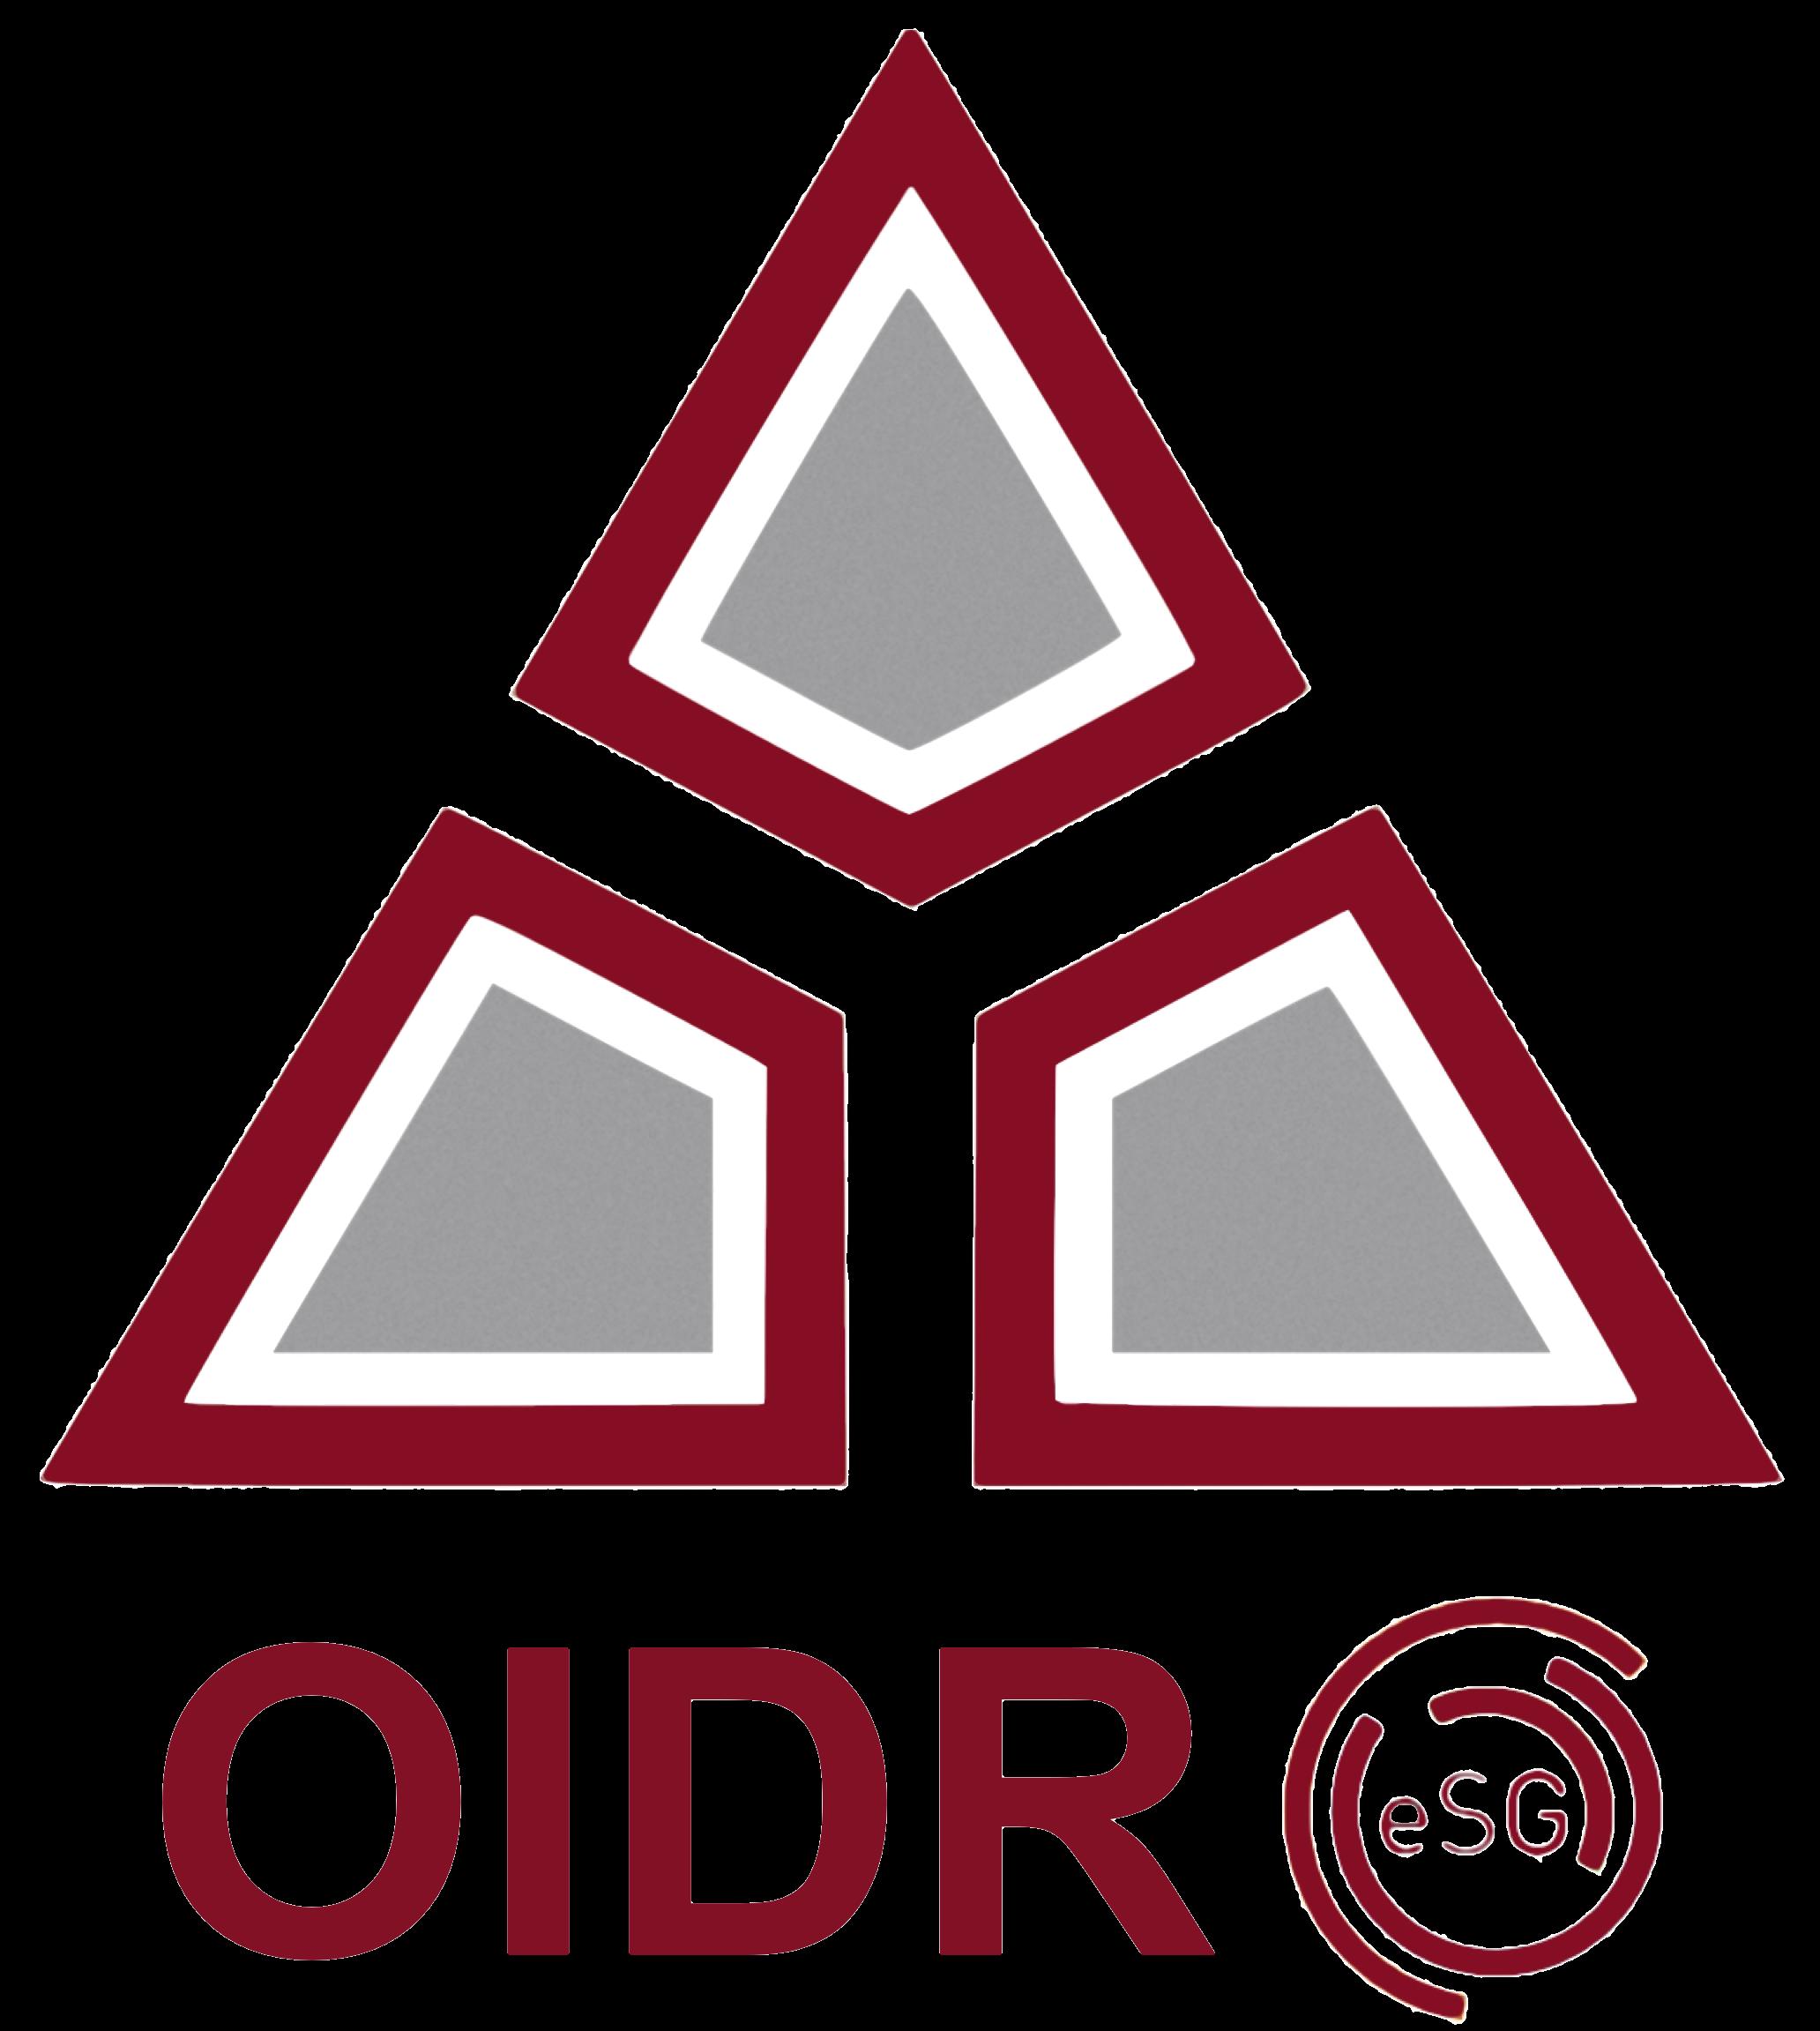 OIDR eSG